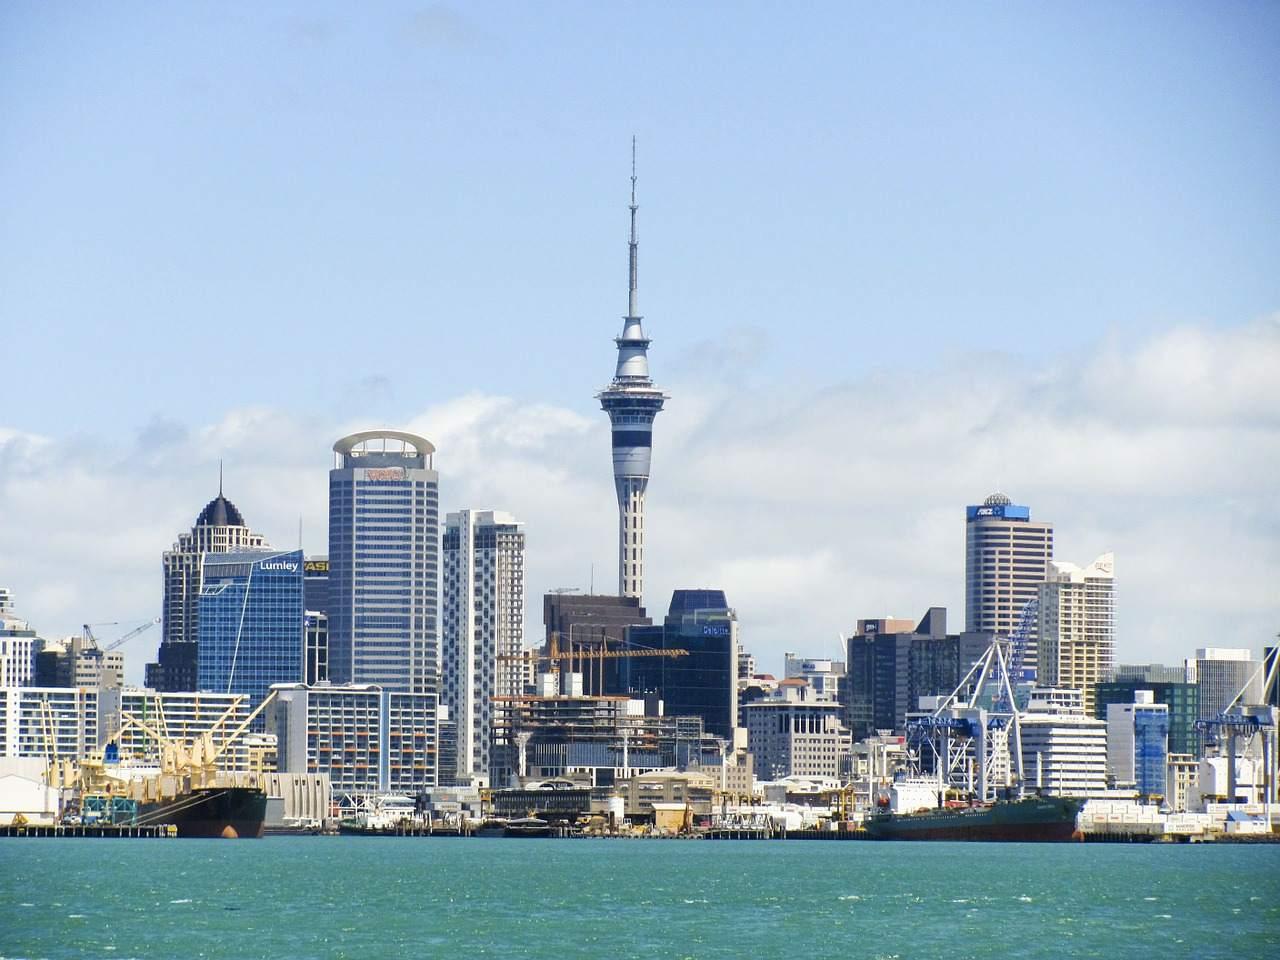 Zinssenkungen in Asien - Skyline von Auckland, Neuseeland